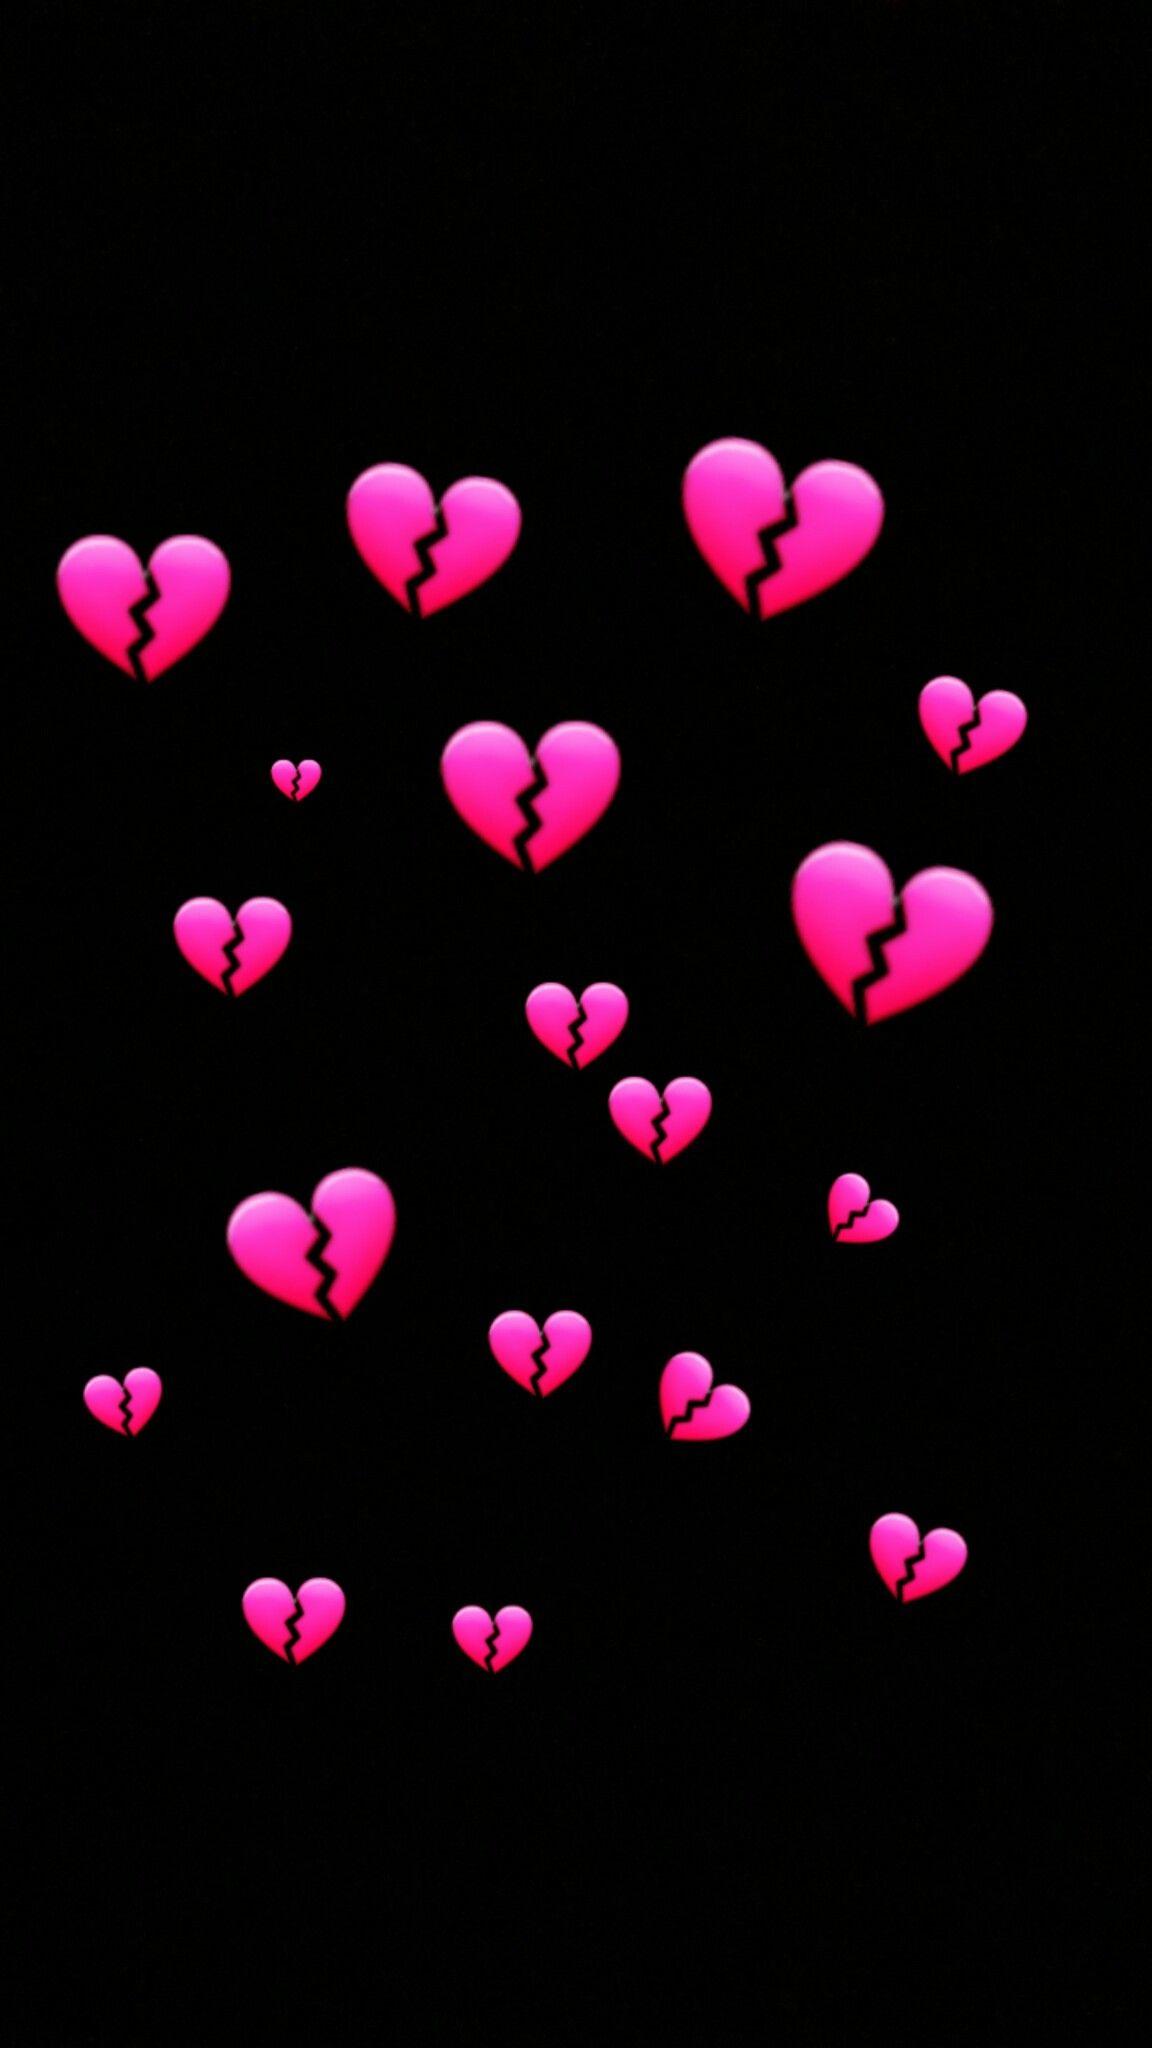 Wallpaper Heartbroke Emoji Wallpaper Heart Iphone Wallpaper Emoji Wallpaper Iphone